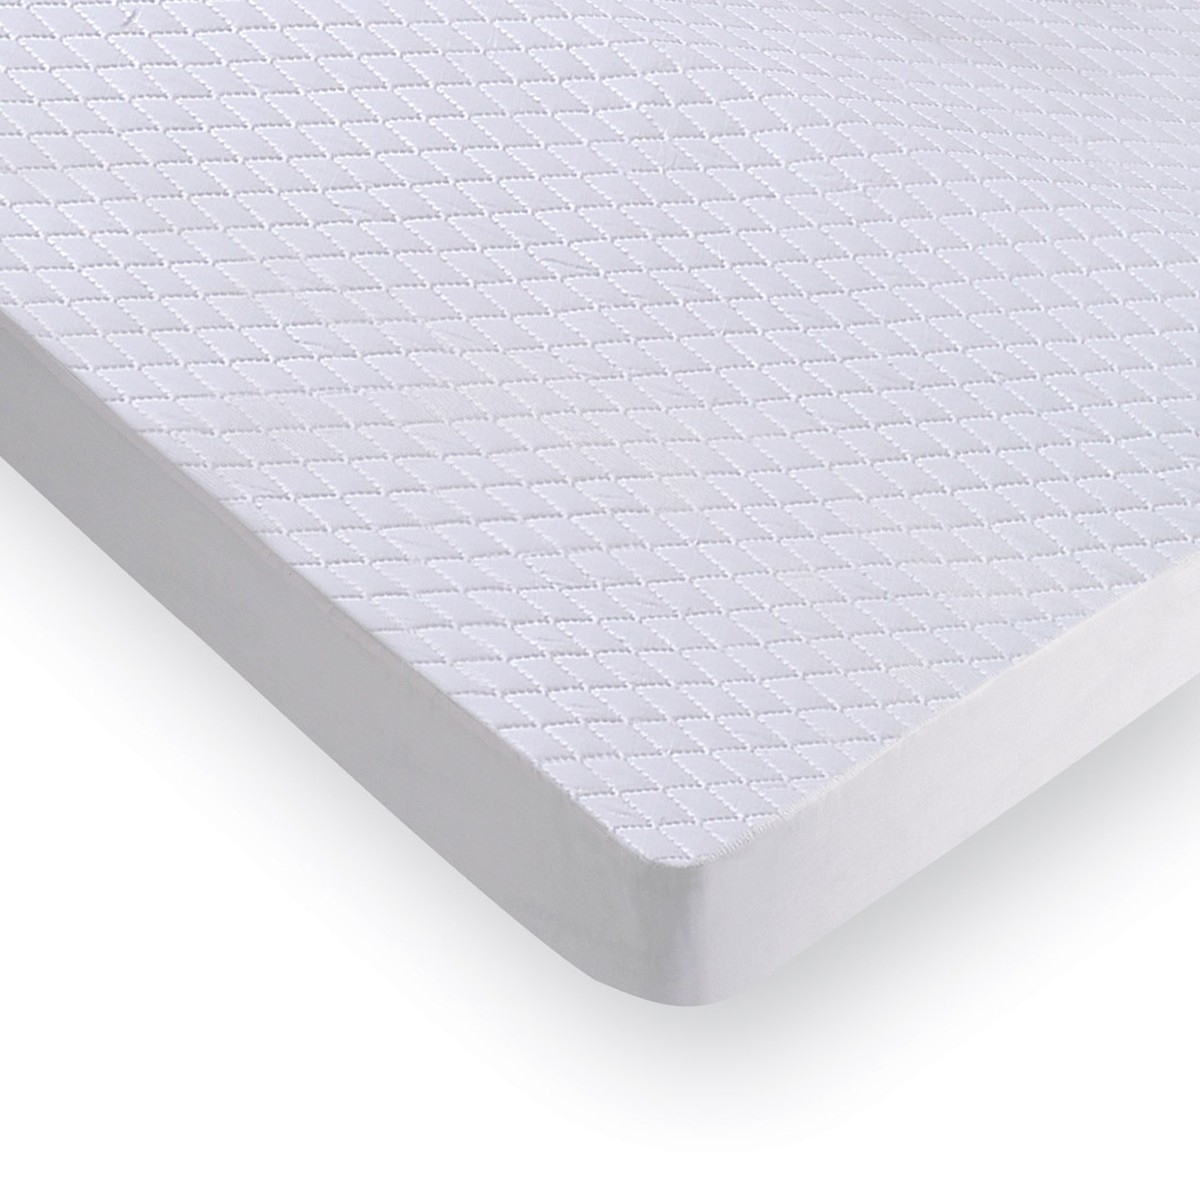 Κάλυμμα Στρώματος Καπιτονέ (140x200) 100%Microfiber Με Φάσα home   επαγγελματικός εξοπλισμός   ξενοδοχειακός εξοπλισμός   επιστρώματα ξενοδο